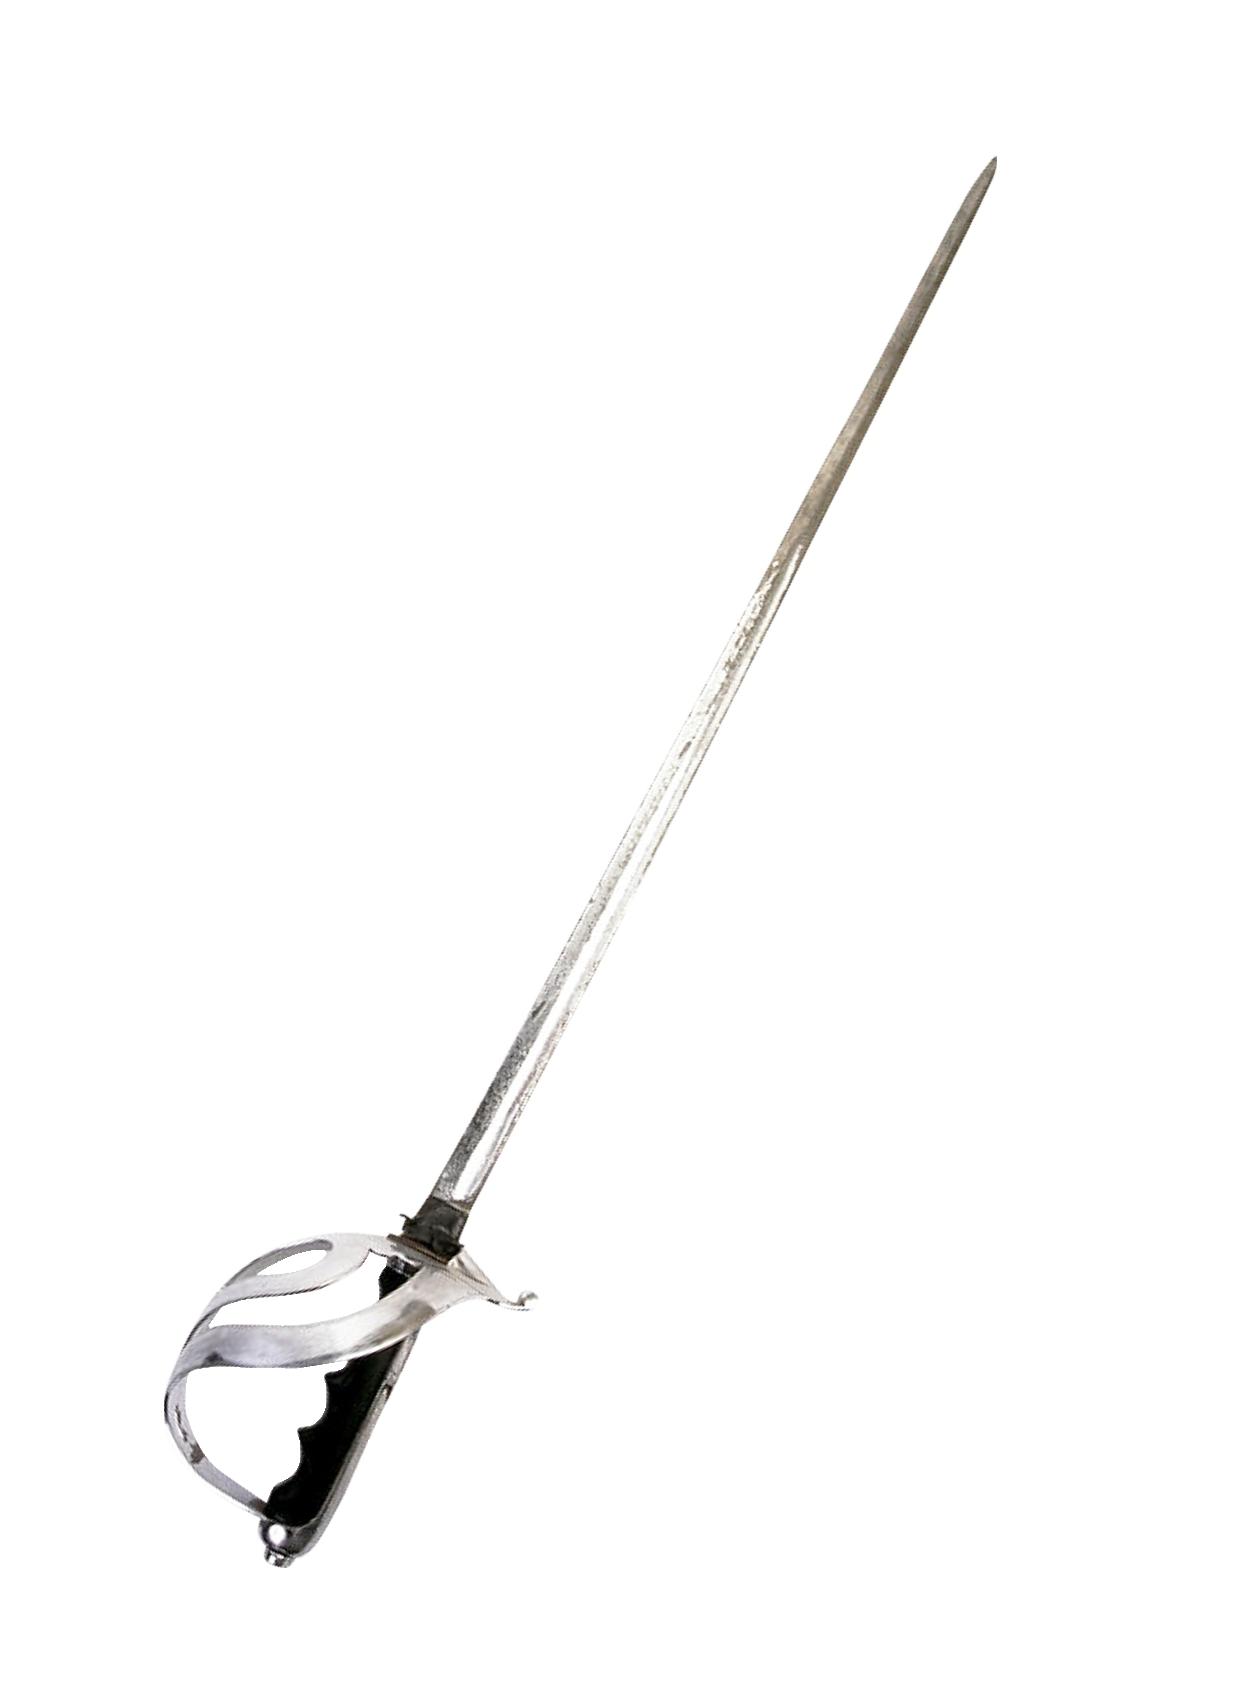 PNG Sword - 57712